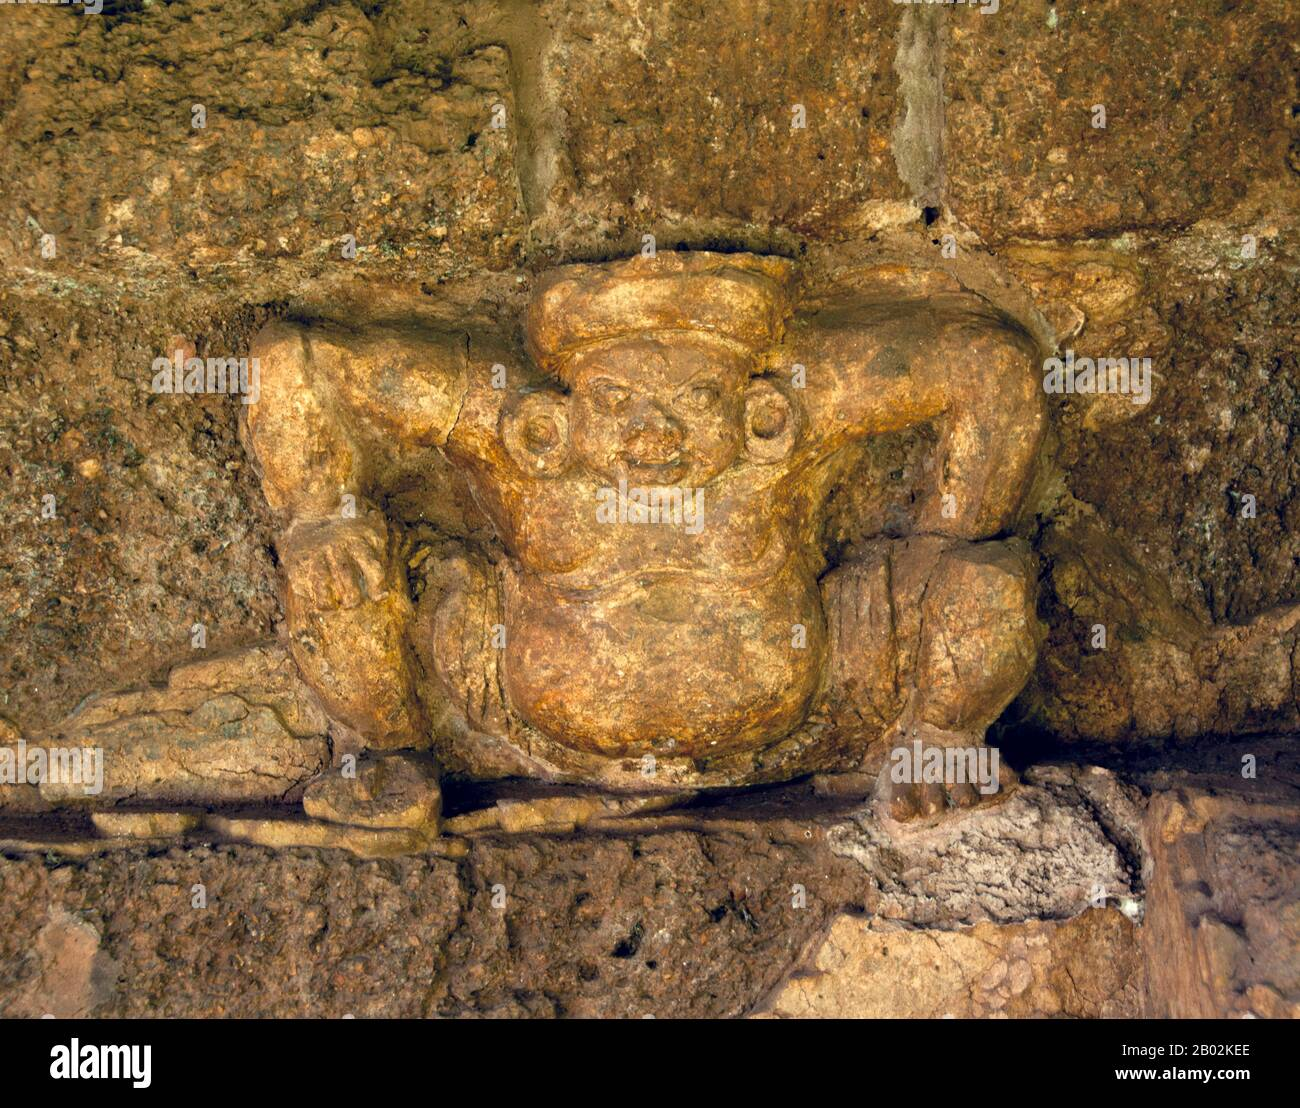 Si Thep, anche Sri Thep, (7th – 14th secolo CE) è un'antica città in rovina nel nord-est della Thailandia. Molte strutture architettoniche rimangono ancora per indicare la sua prosperità passata. Era un tempo il centro di contatto tra il regno di Dvaravati nel bacino centrale della pianura della Thailandia e il regno Khmer nel nord-est. Una città gemella, c'erano più di cento siti antichi tutti costruiti con mattoni e laterite. Ci sono anche resti di diversi stagni sparsi in tutta la zona. La maggior parte delle antiche reliquie recuperate sono architettoniche per natura come i architravi elaborati e le pietre sema. Alcune delle Foto Stock